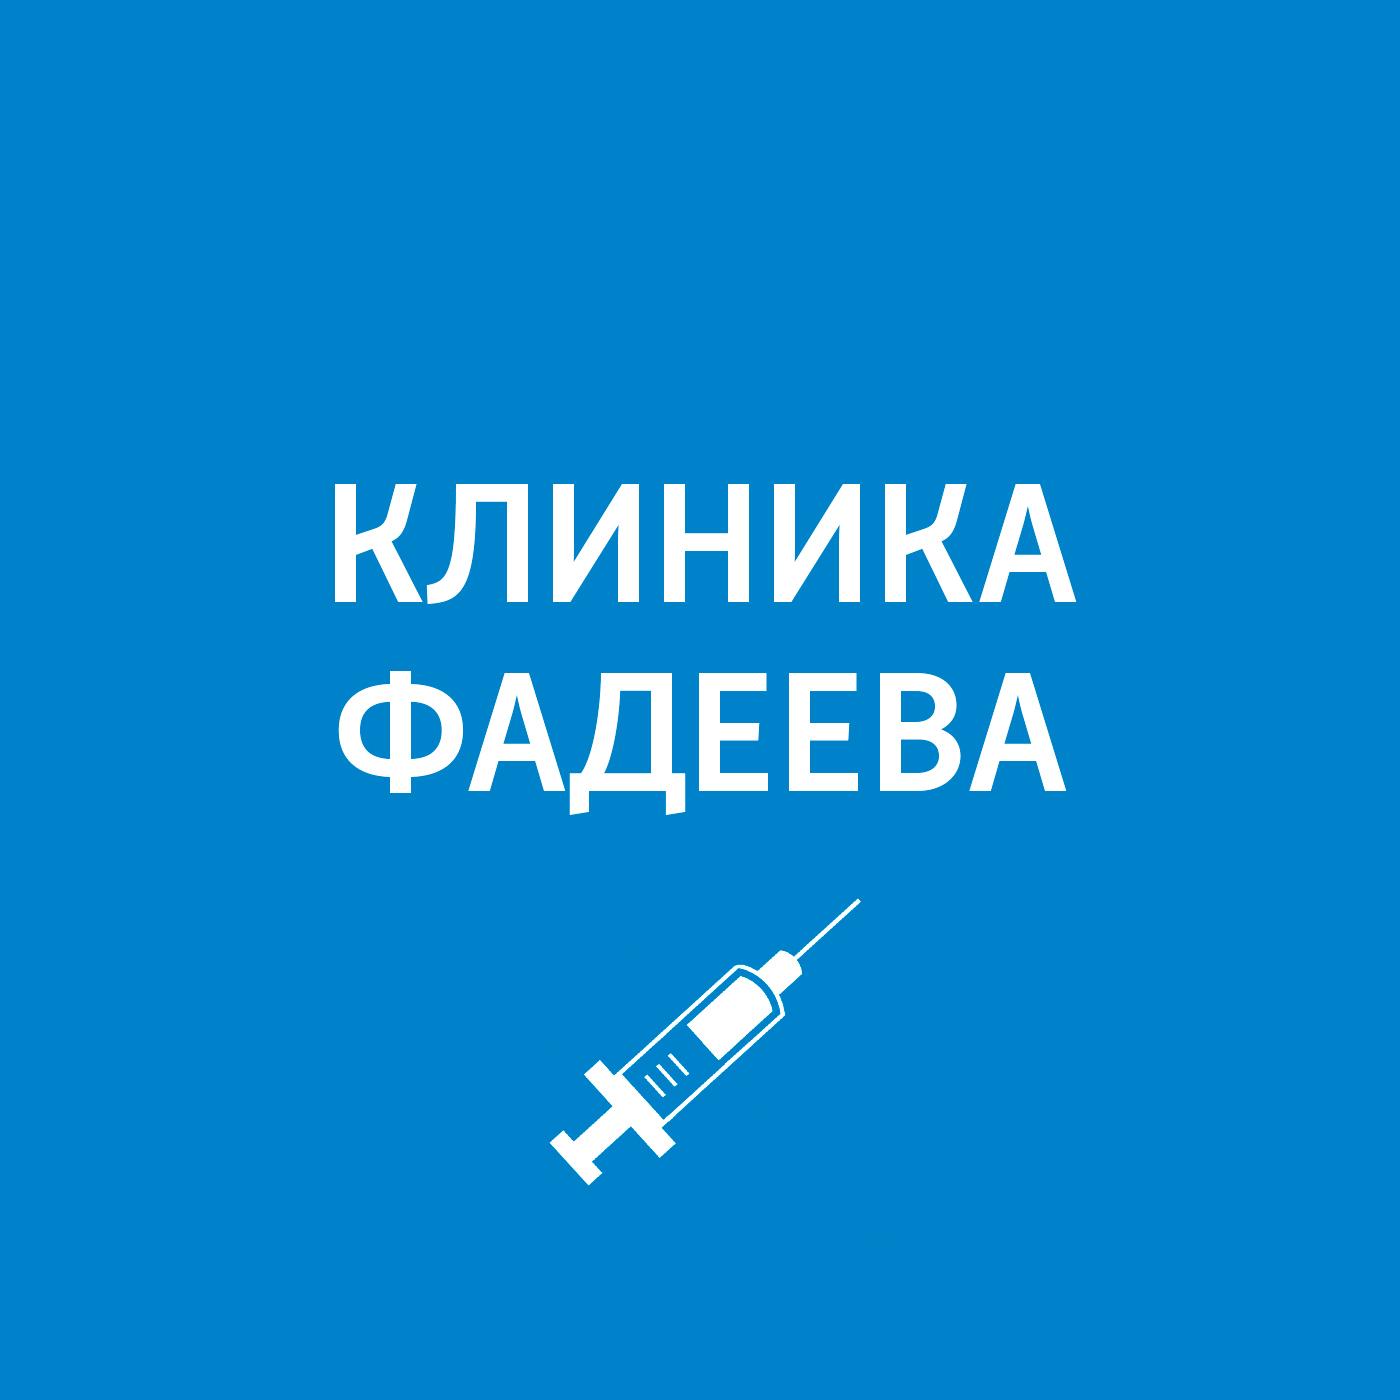 Пётр Фадеев Приём ведёт офтальмолог. Витамины для глаз